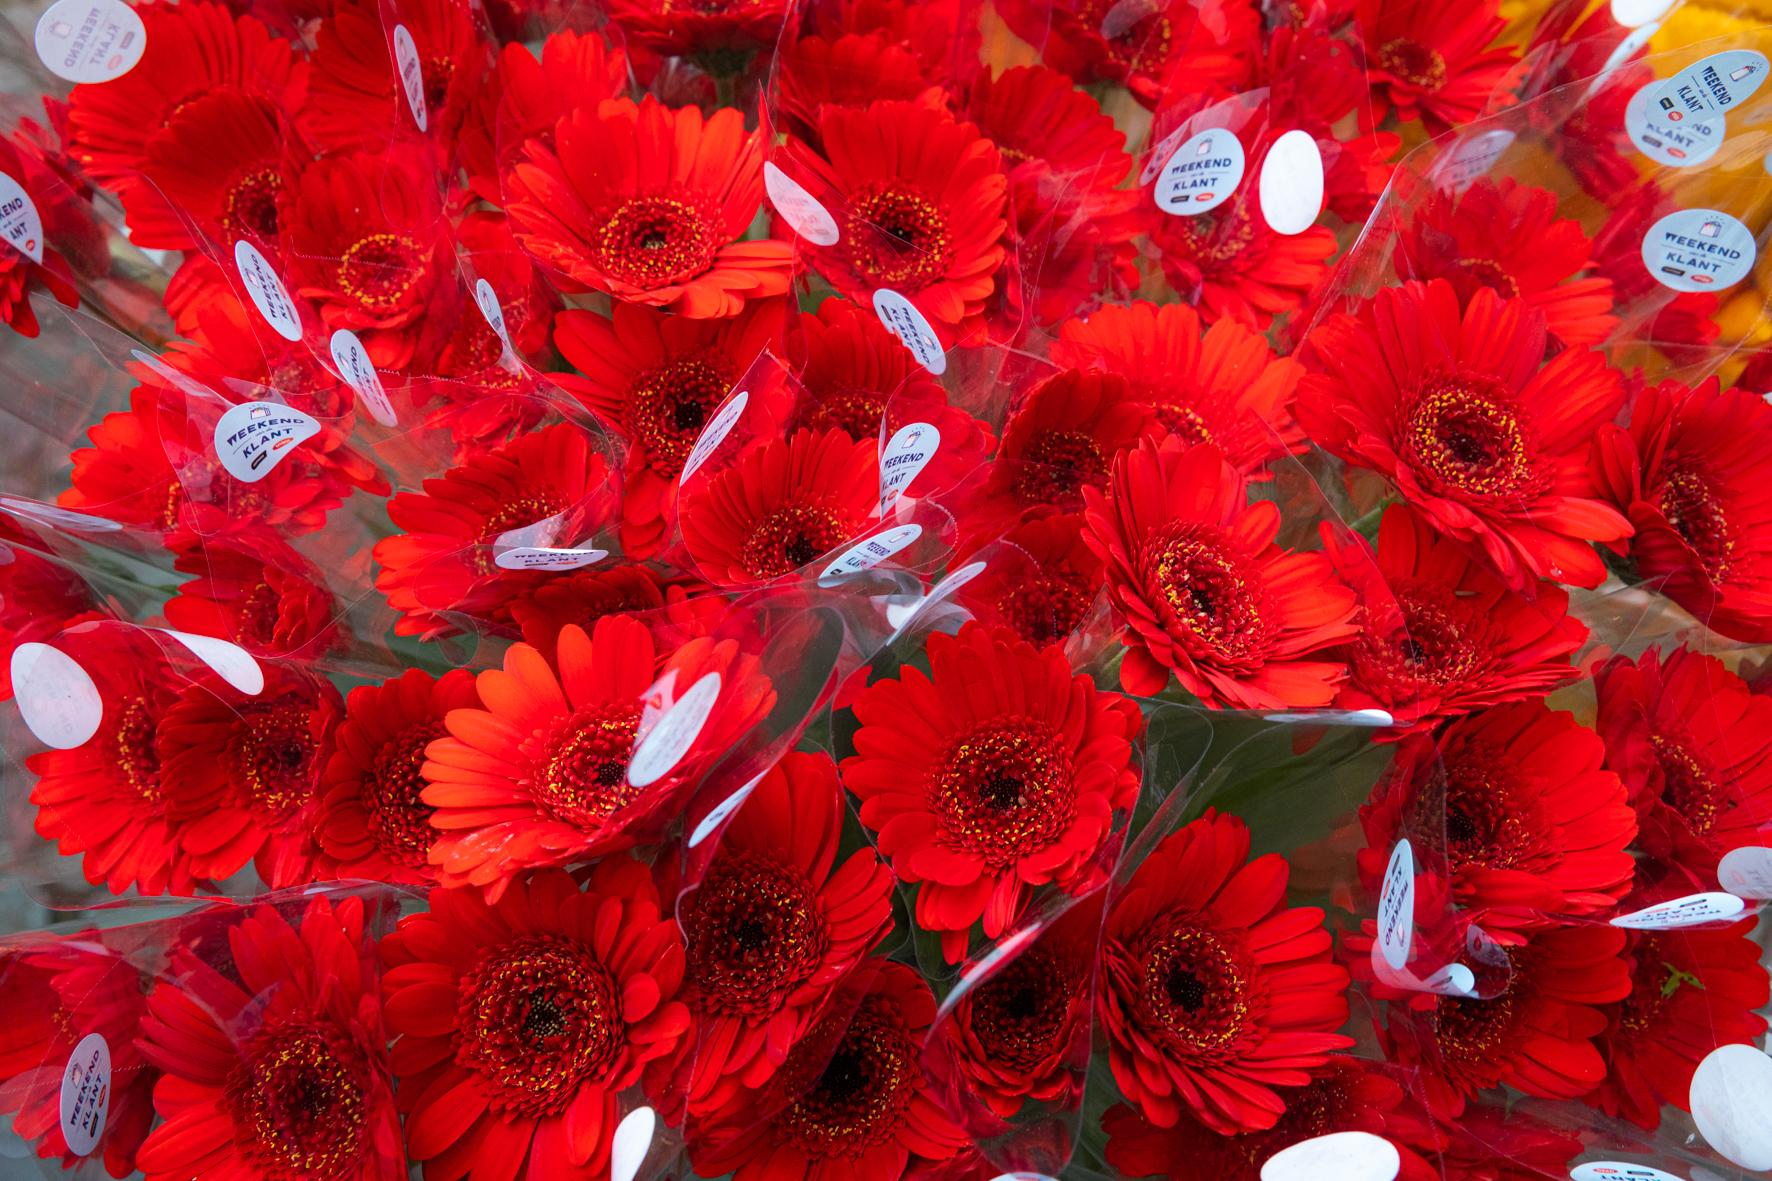 20191005 Weekend van de Klant Leuven bloemen-foto Luk Collet-3723-1